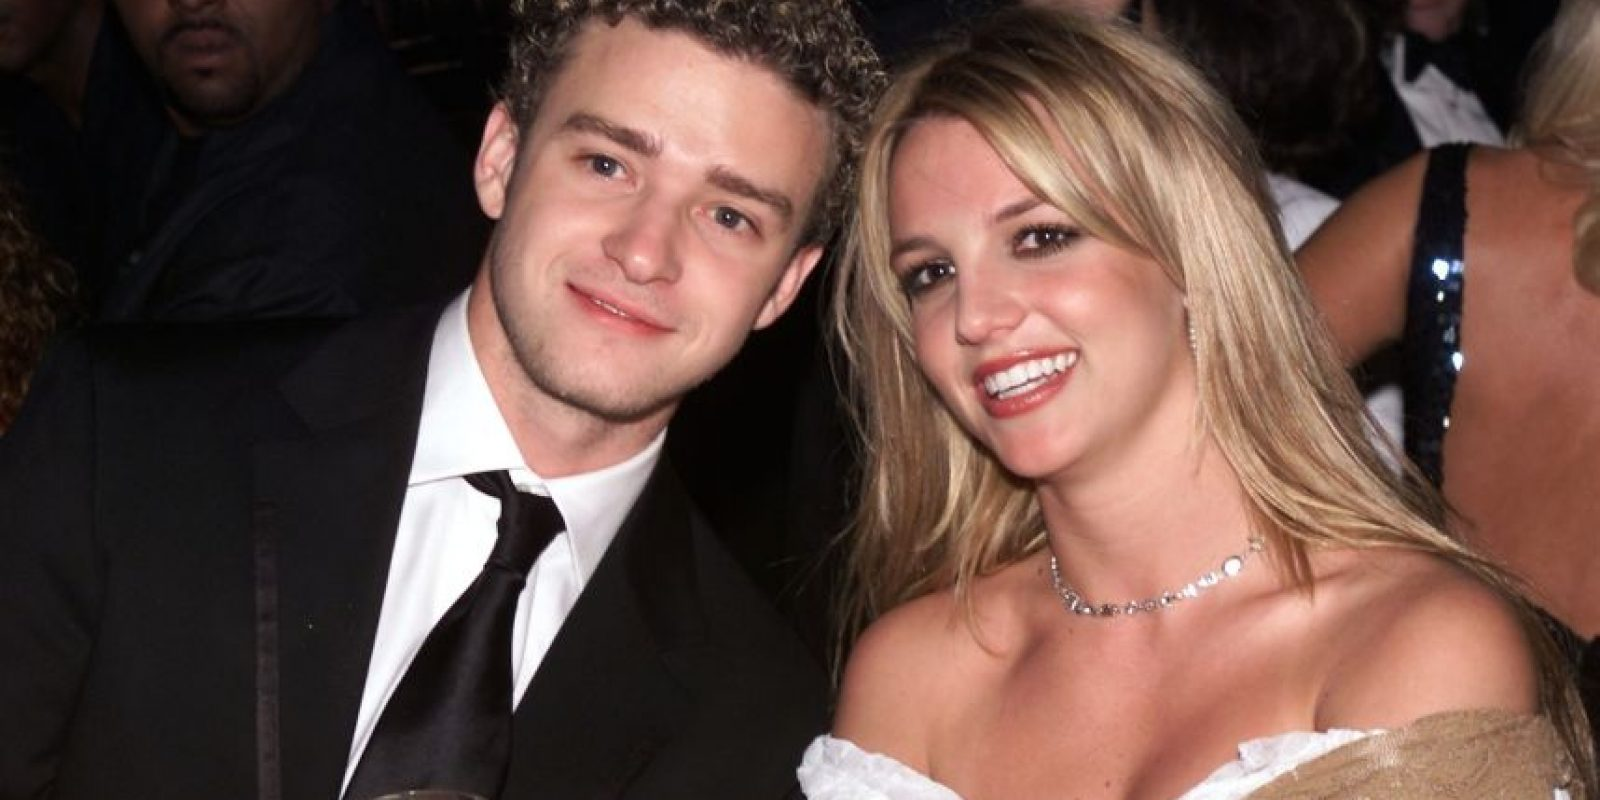 """Se conocieron en el programa """"Mickey Mouse Club Diney"""" cuando eran niños. Su relación sentimental inició a fines de los 90 y terminó en 2002 bajo rumores de infidelidad. Foto:Getty Images"""